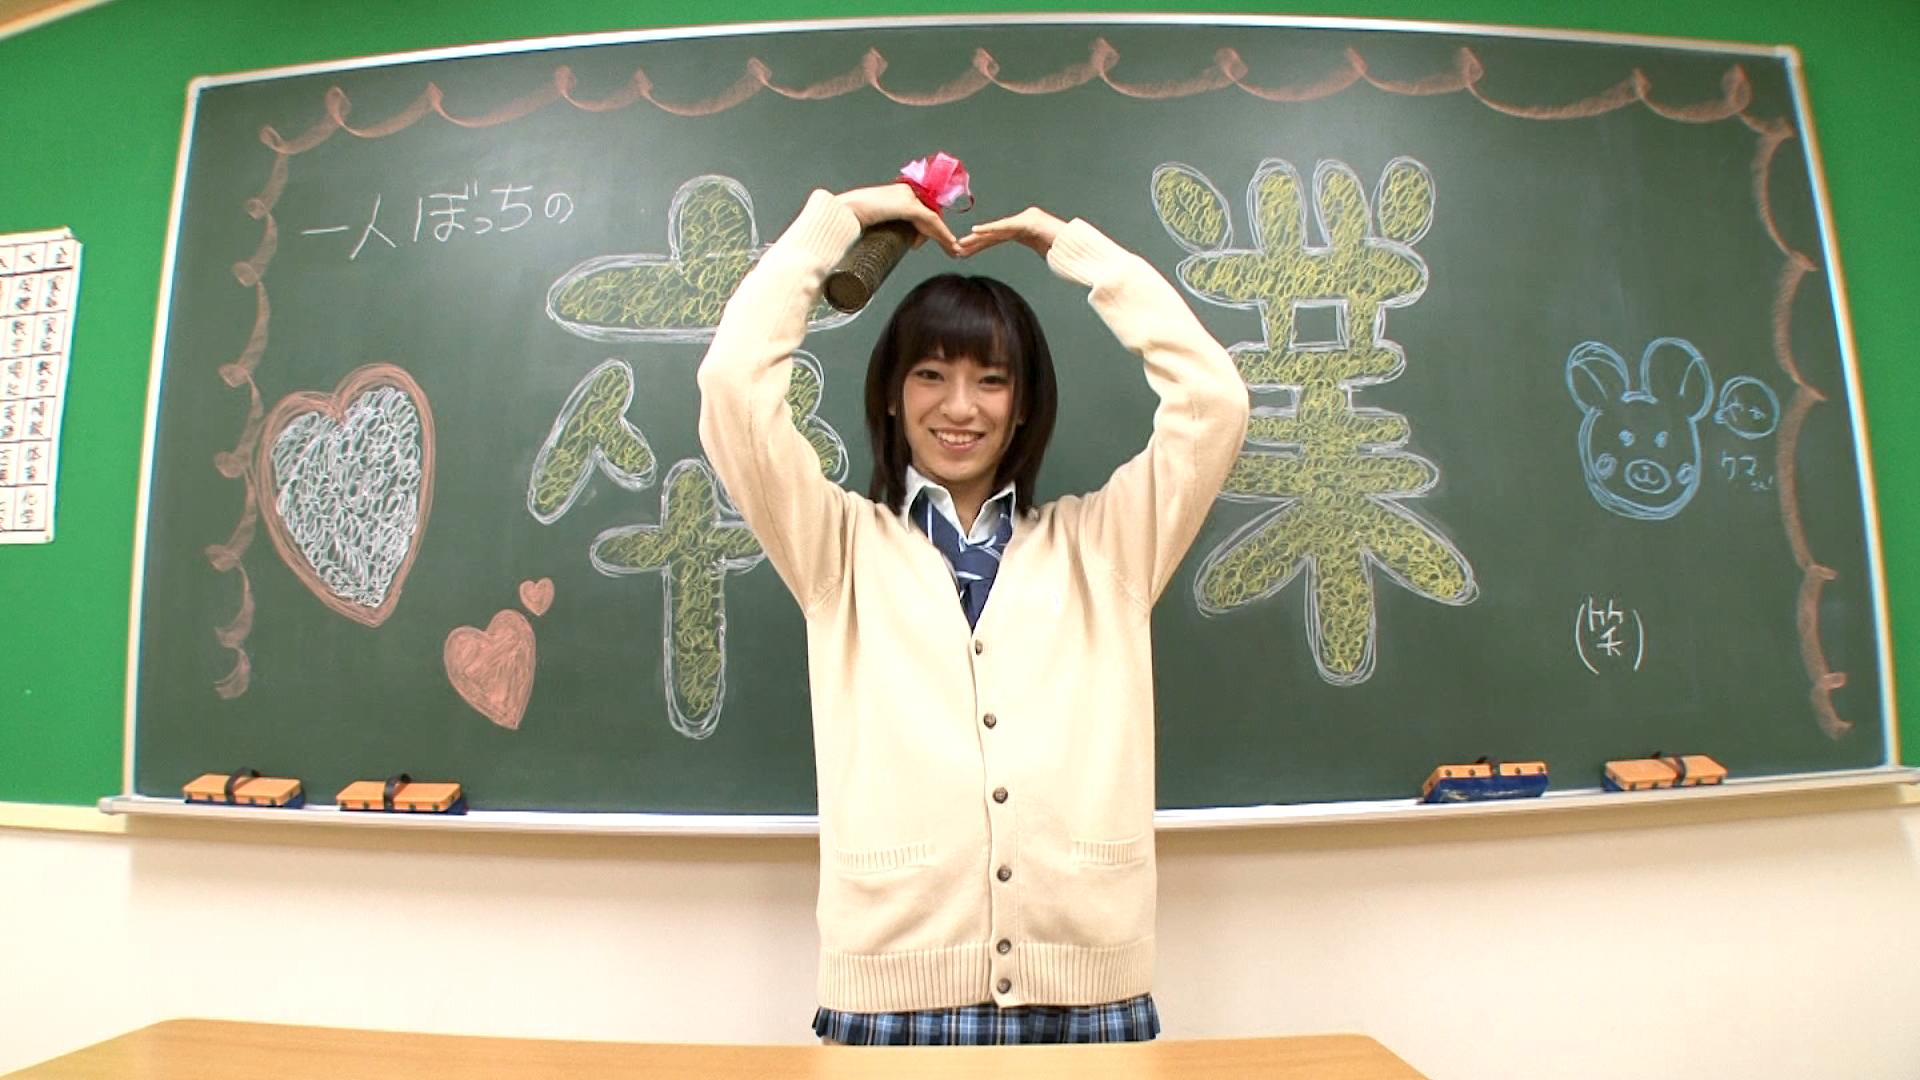 ハニカミ 卒業〜graduation〜 18歳 成宮ルリ